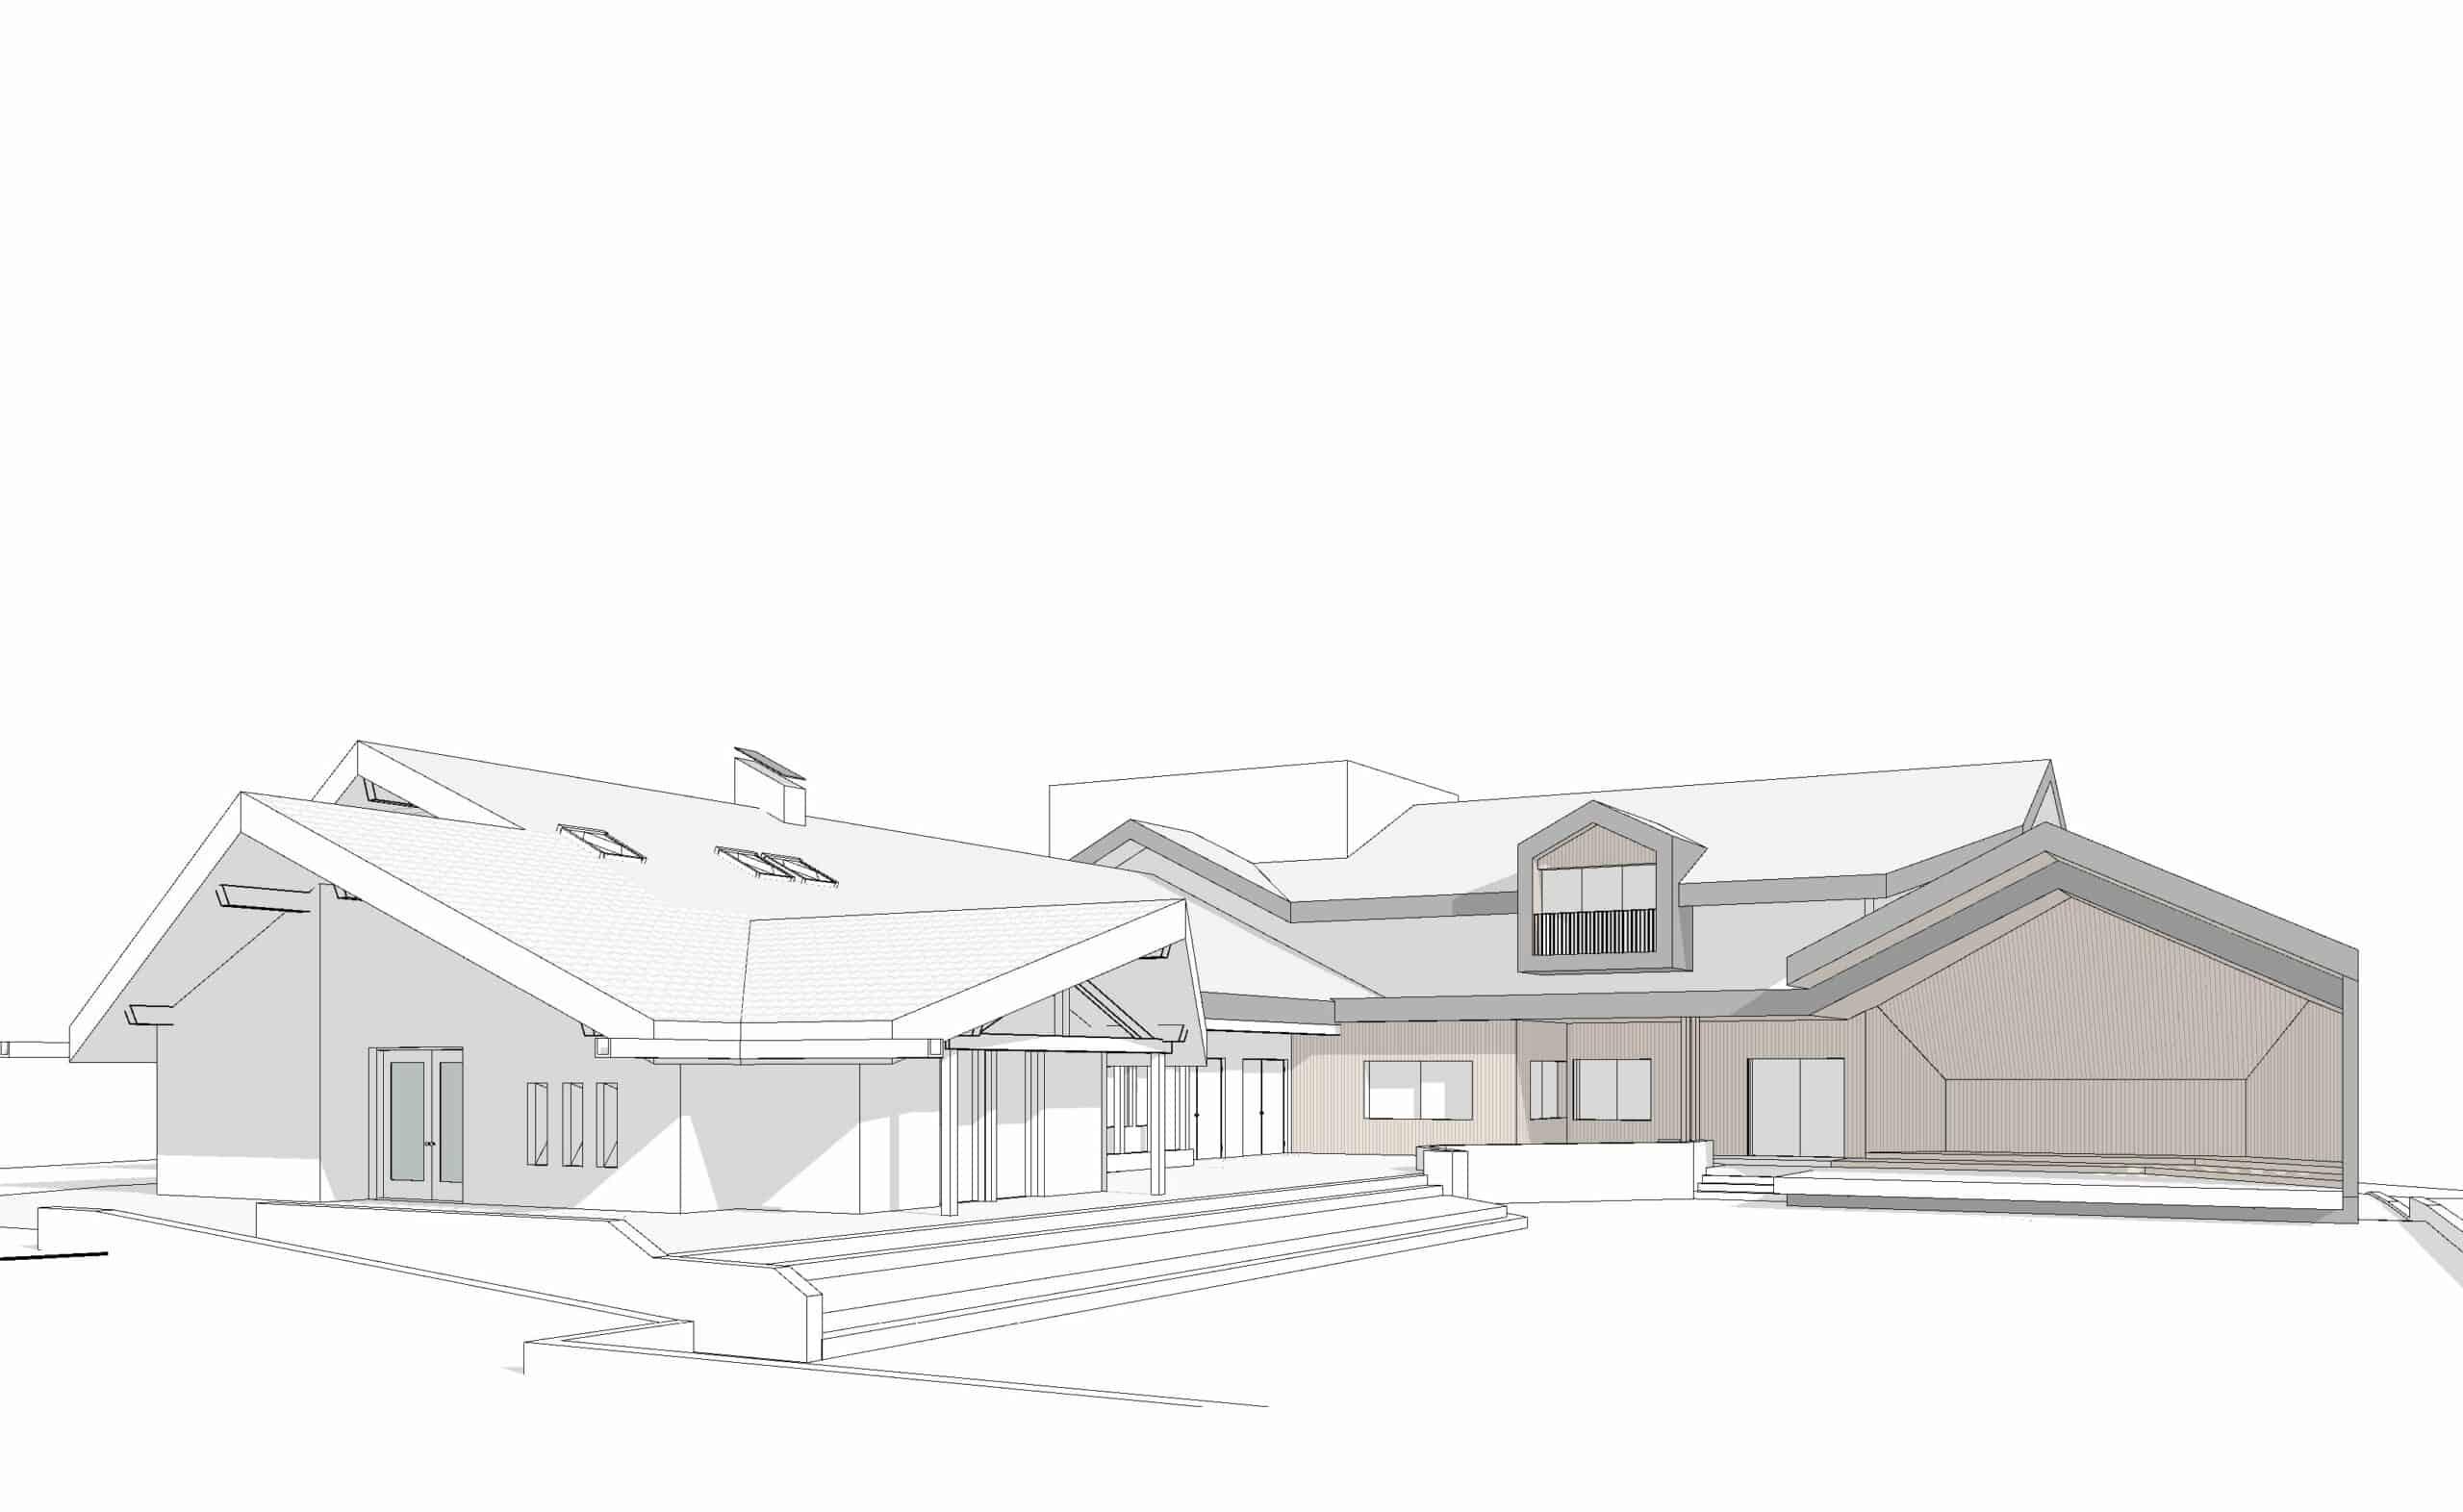 1093_Architekt-Niedermair-Ivan-Rasen-Antholz-Mittertal_2